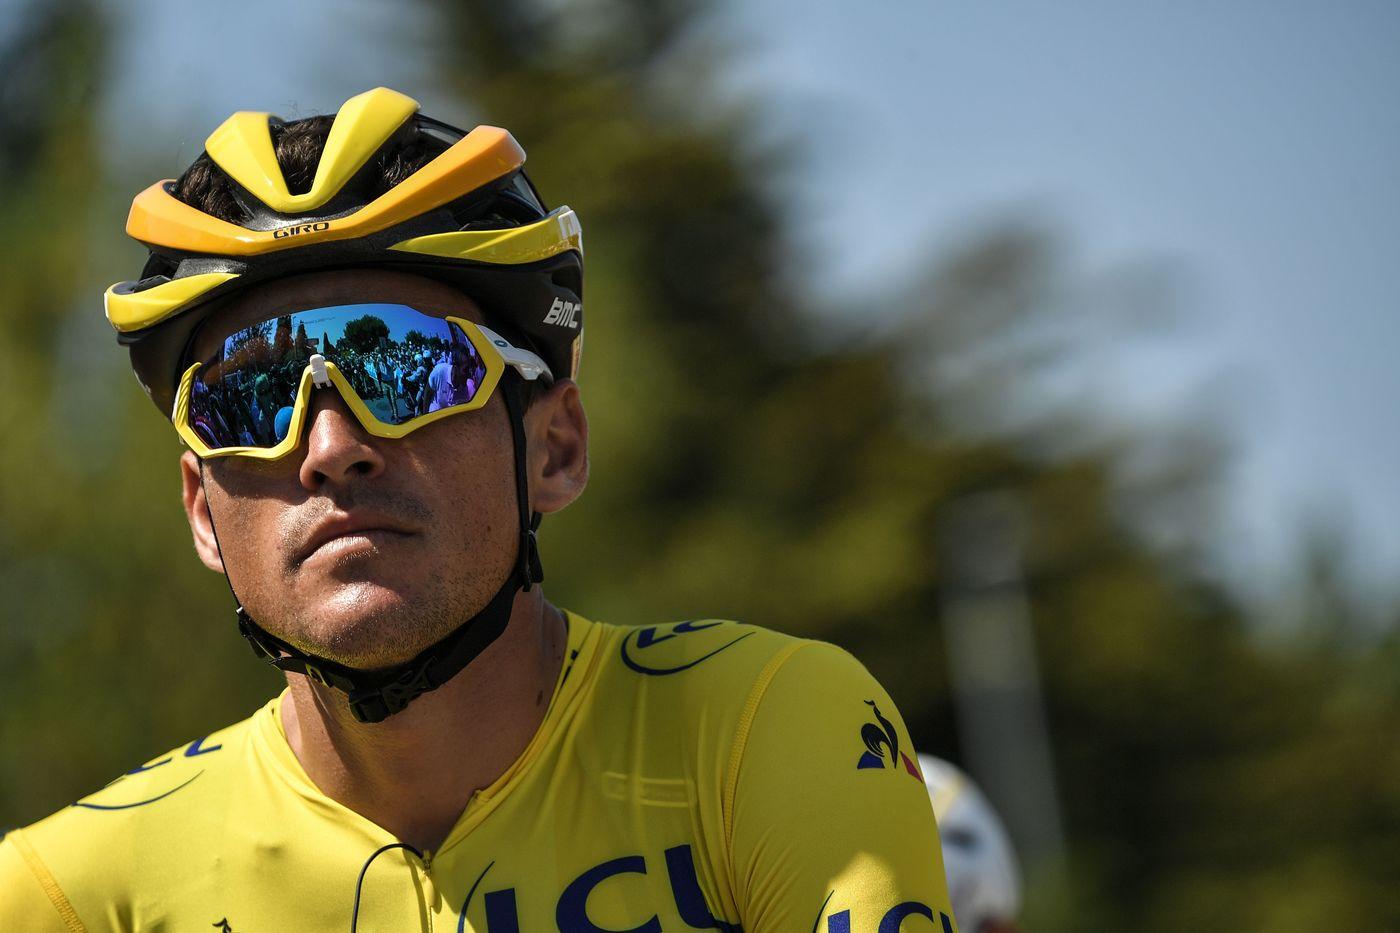 Tour de France 2018 favoriti tappa 5: è il giorno degli uomini da classica